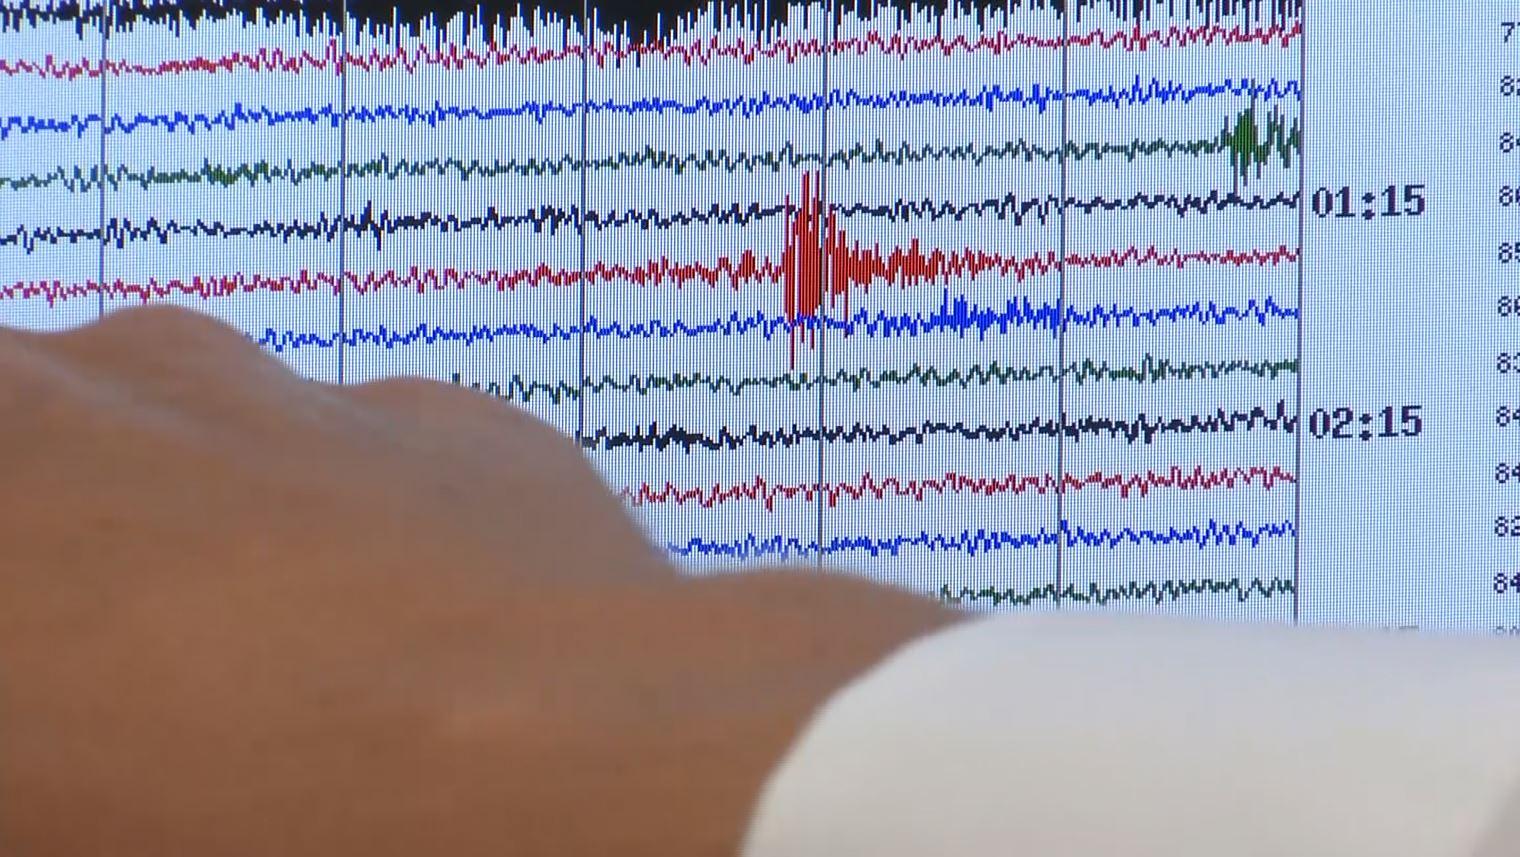 earthquake 1_1552500444897.JPG-842137442.jpg